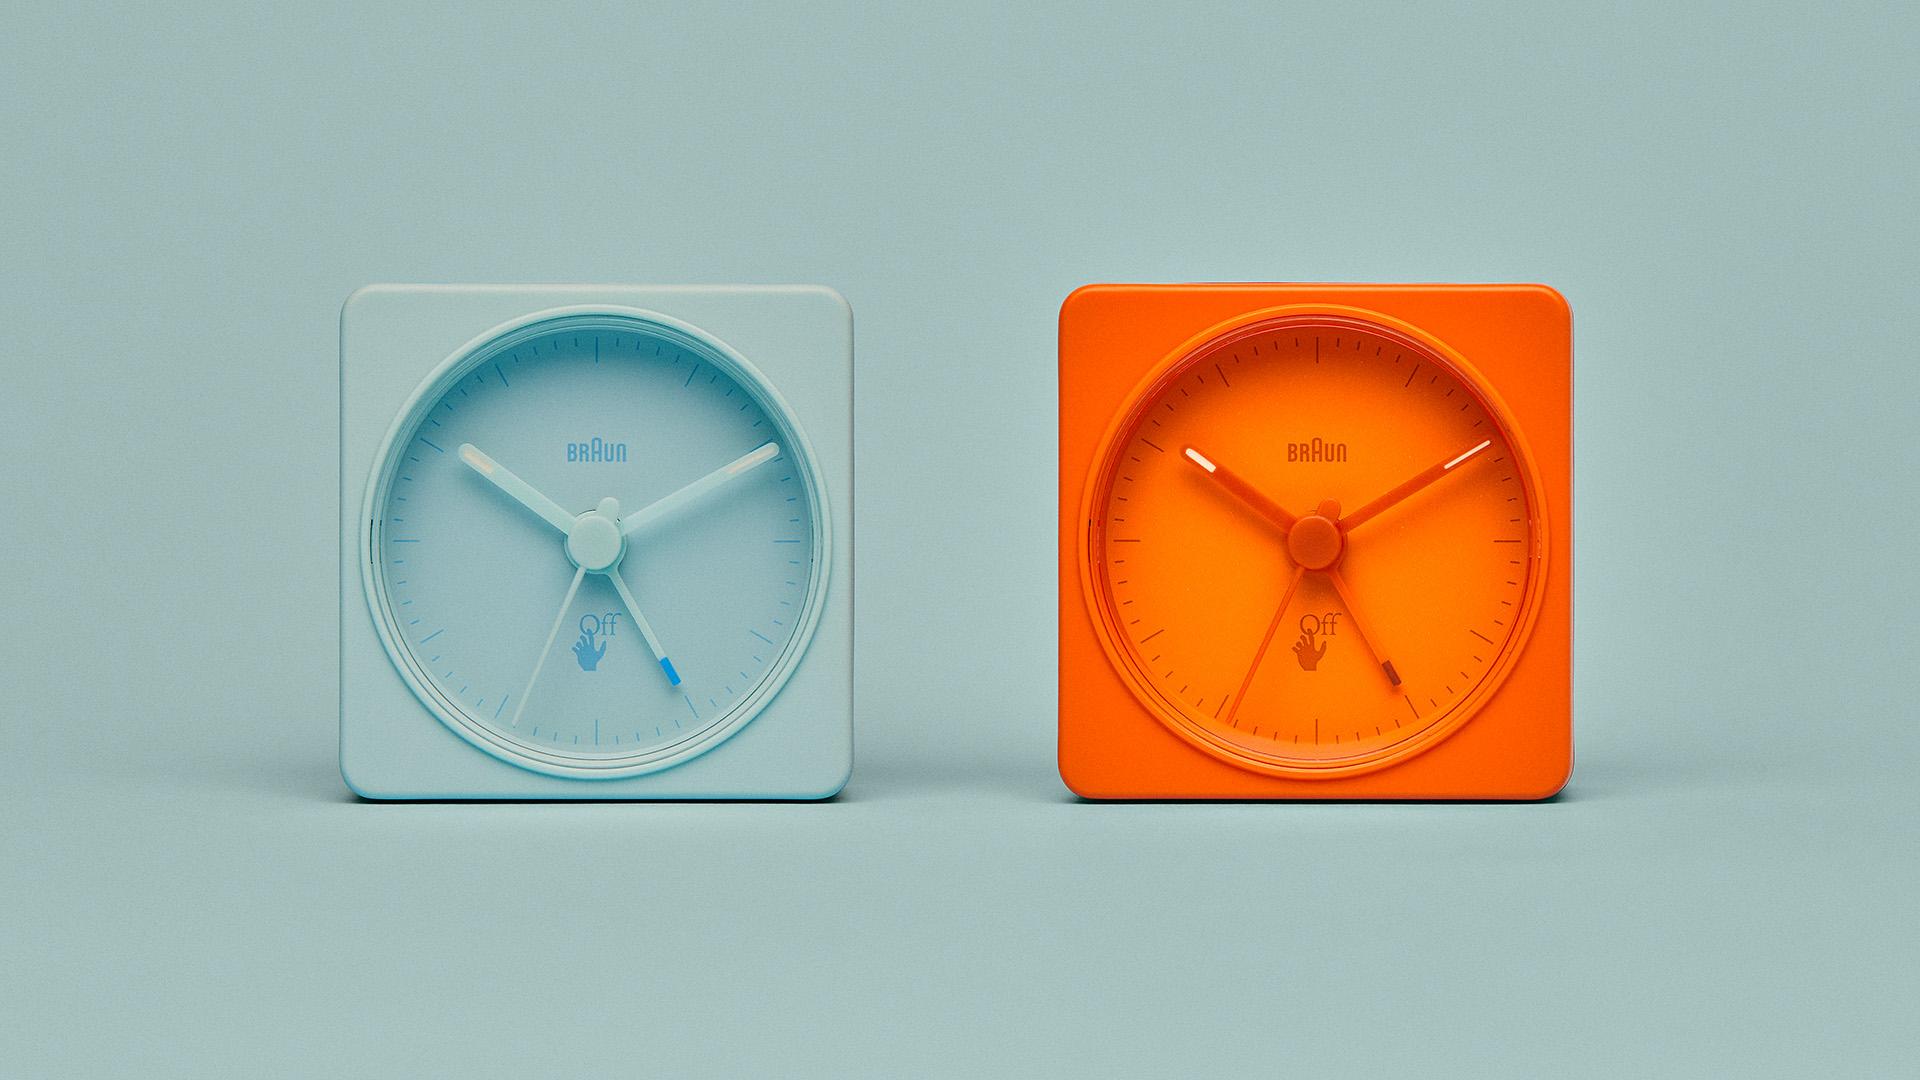 OFF-WHITE c/o VIRGIL ABLOH™️、Braunの名作時計でコラボアイテムデザイン